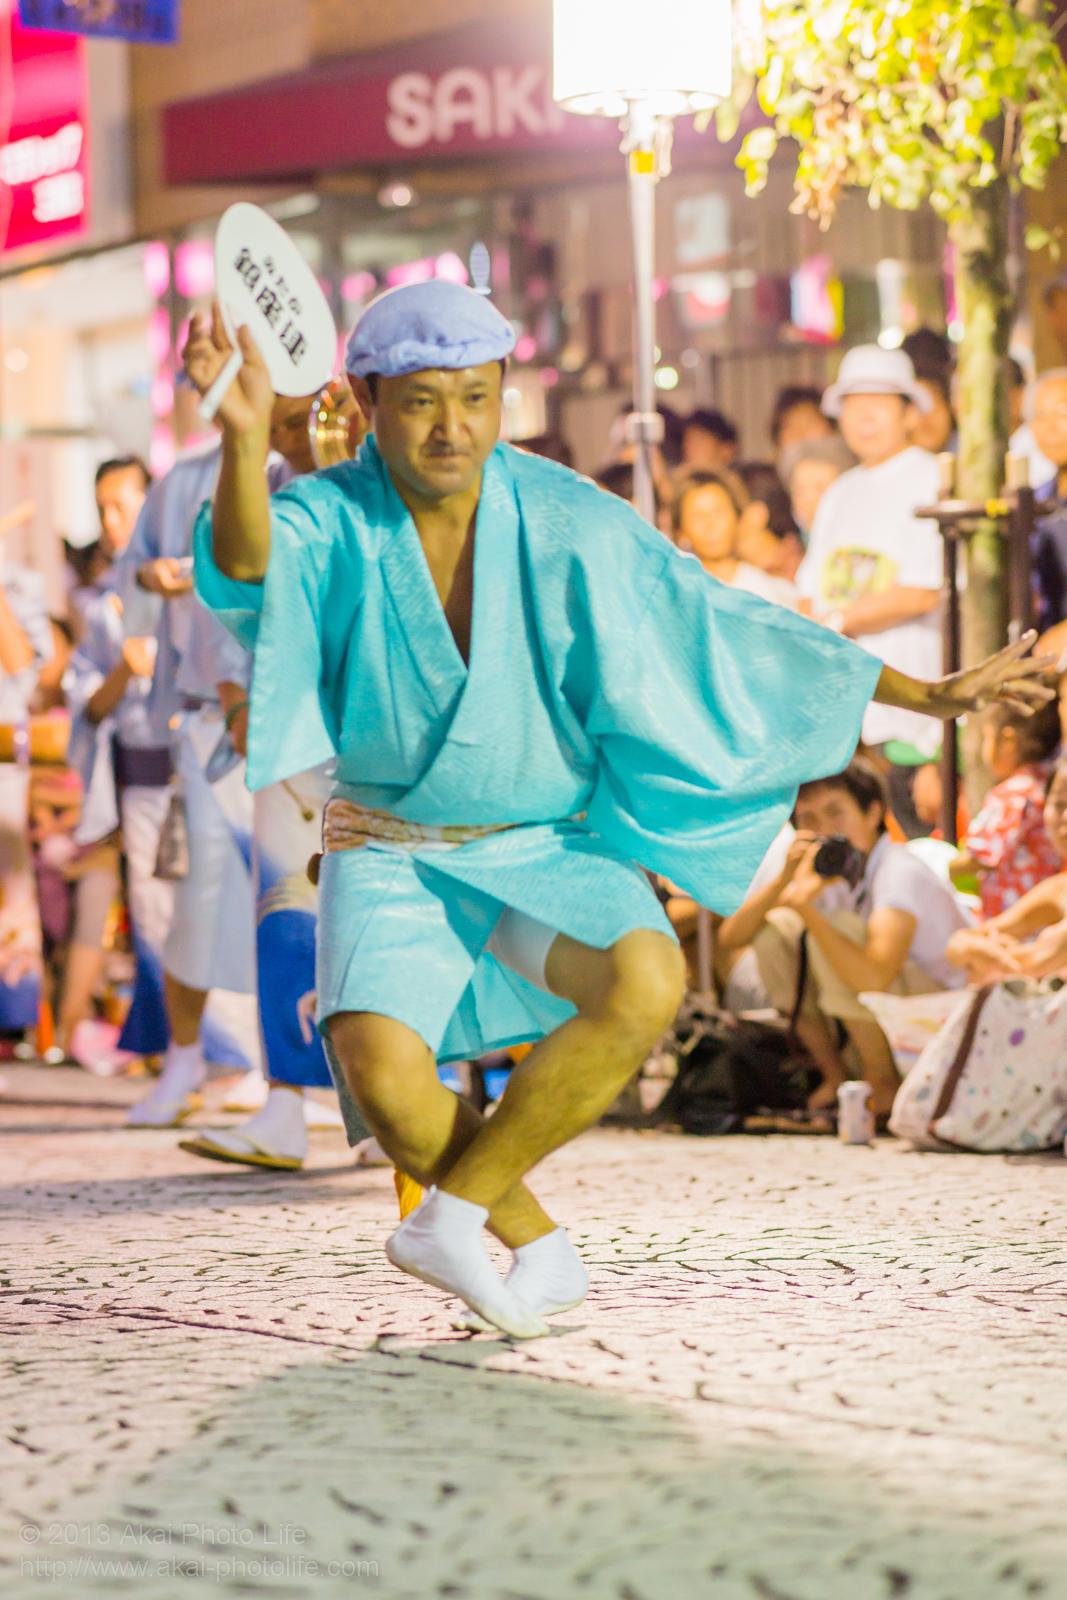 三鷹阿波踊り、みたか銀座連の男踊り